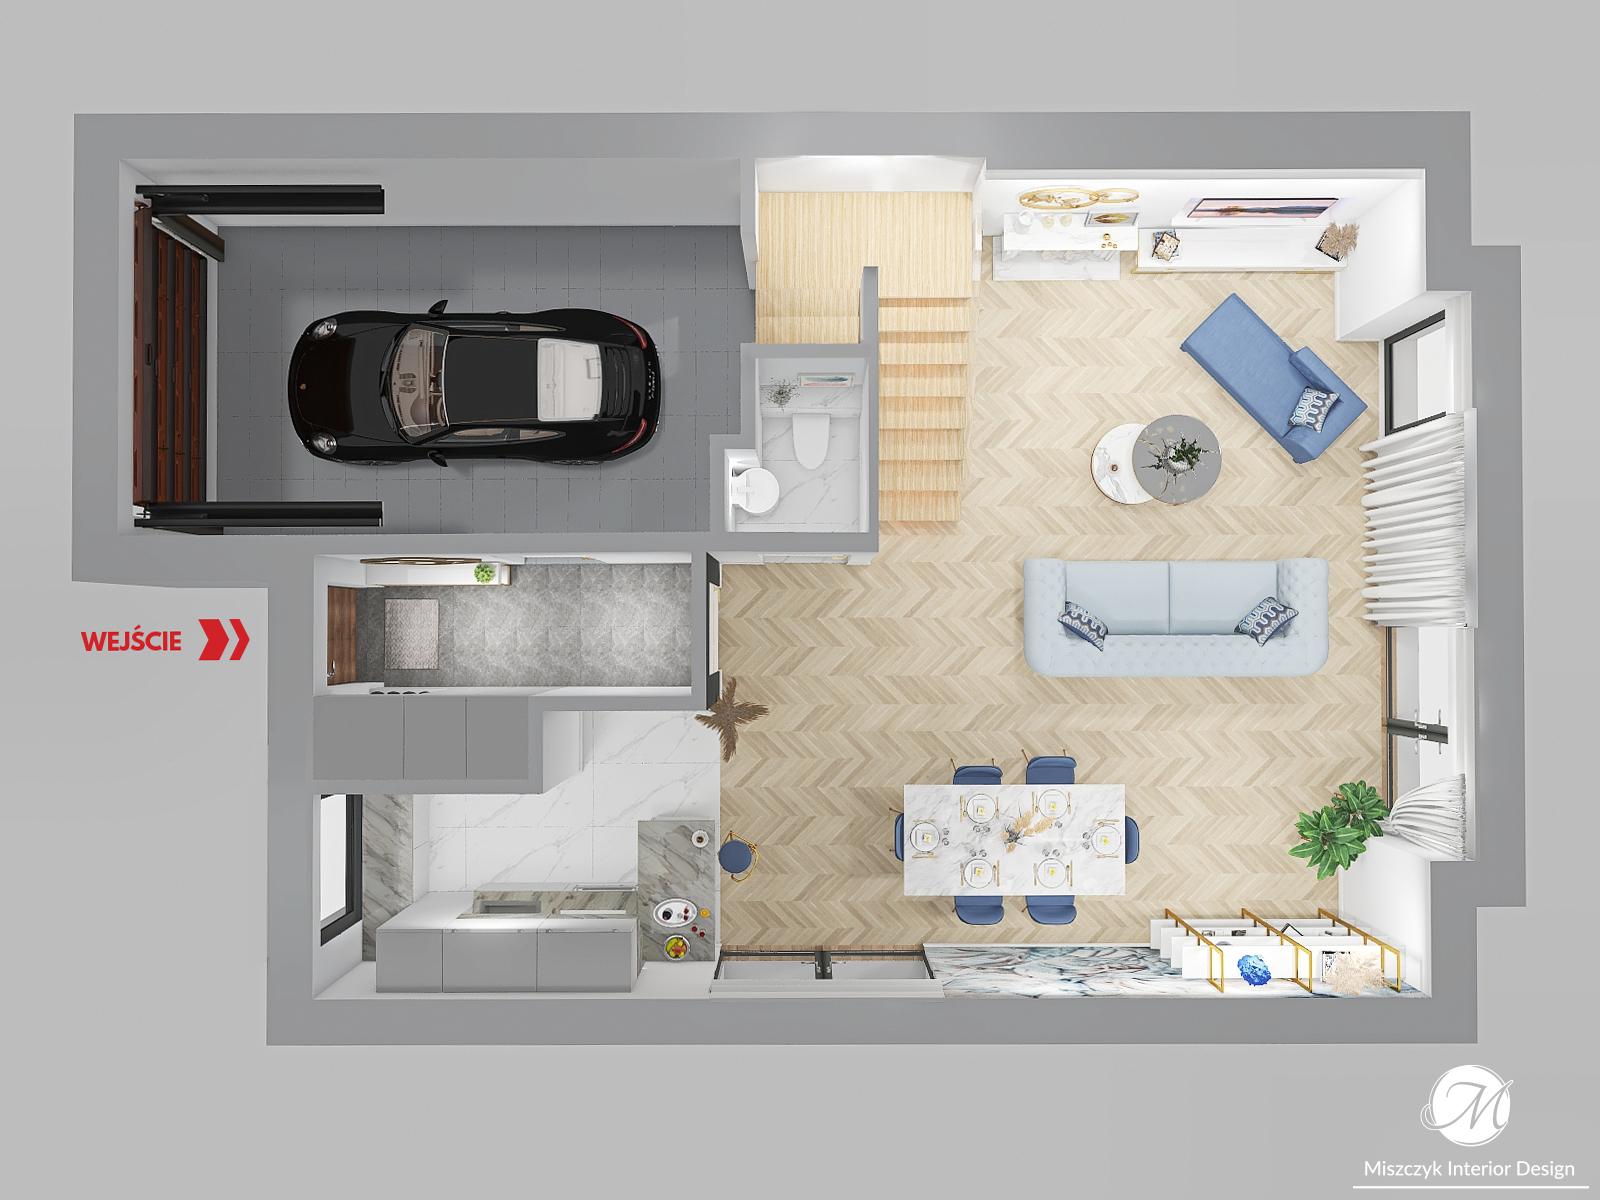 projekt domów bliźniaczych wersja B